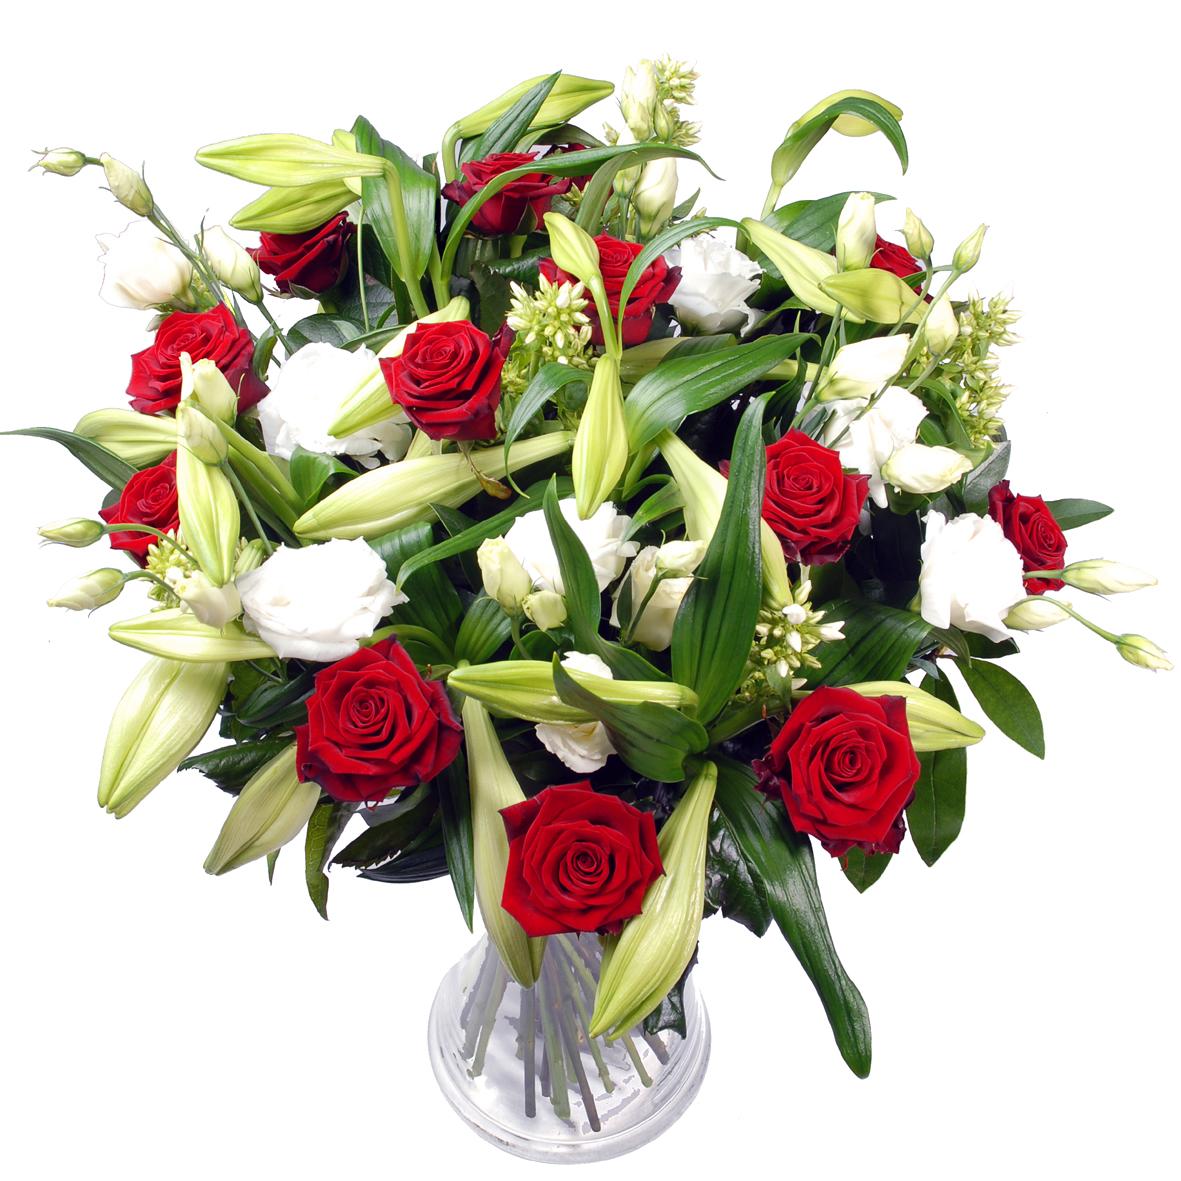 Planten Vaderdag boeket stoere bloemen